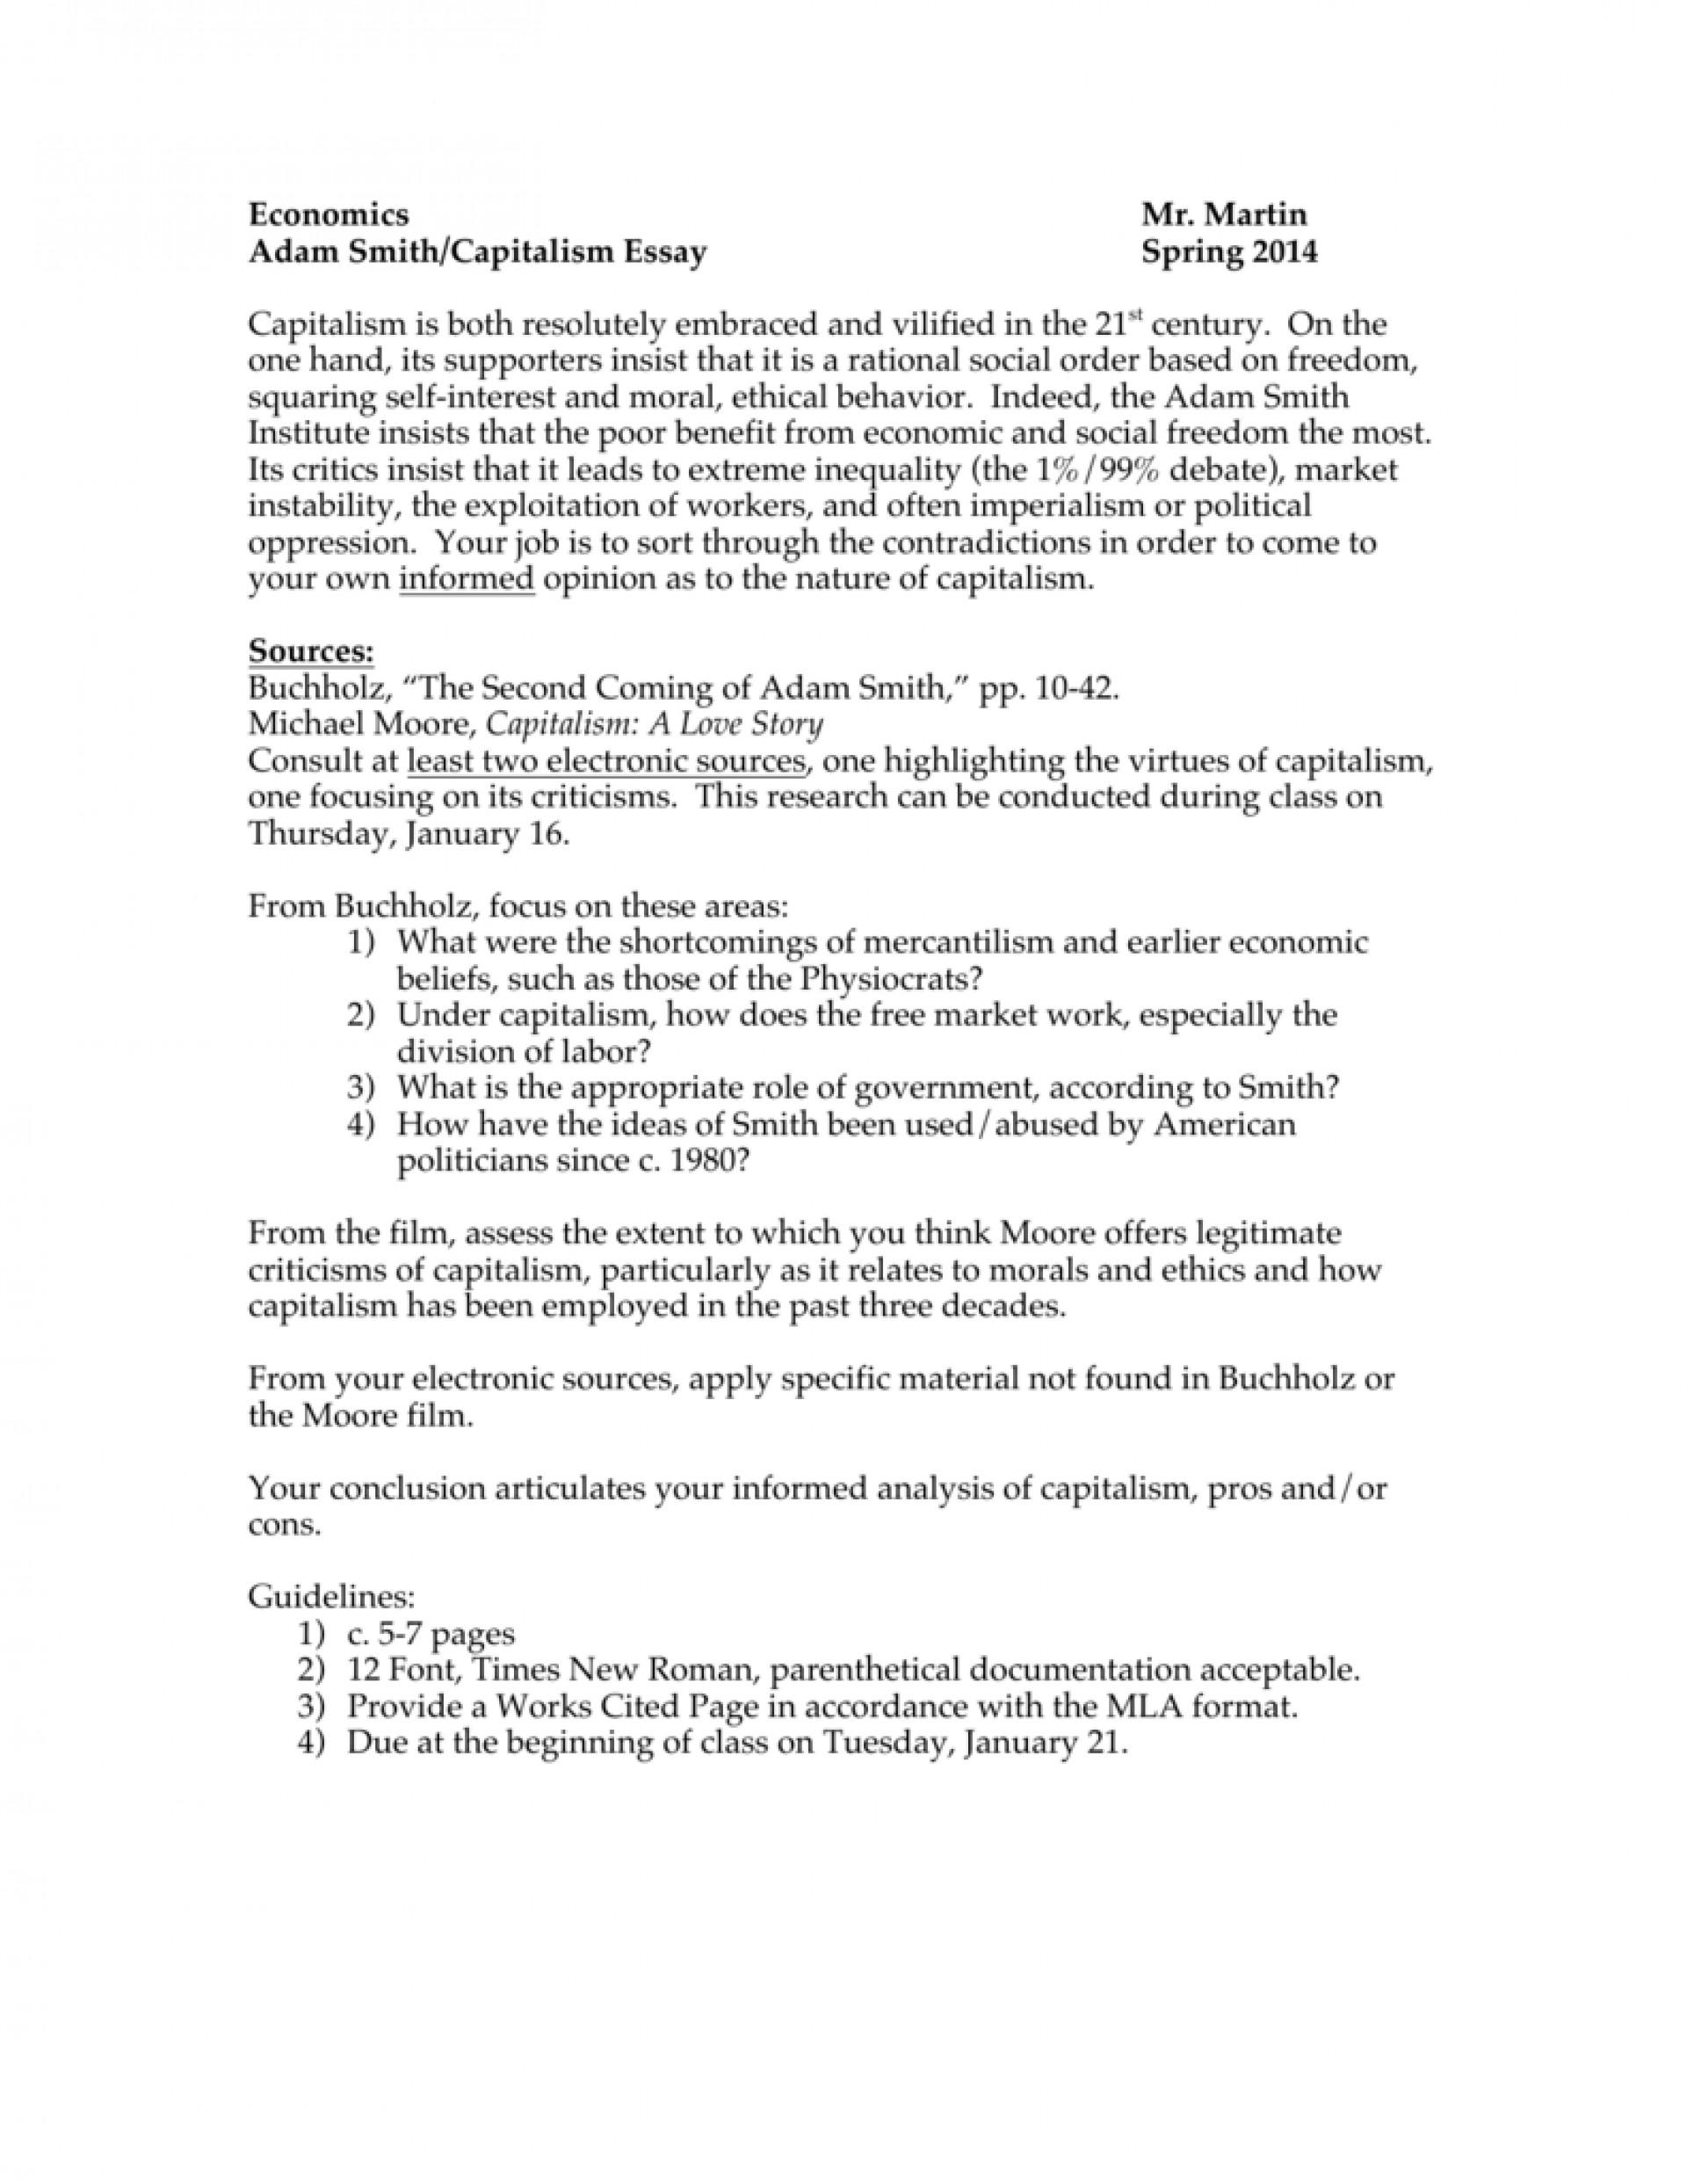 004 Essay Example Capitalism 007998055 1 Breathtaking Topics Question Pdf 1920